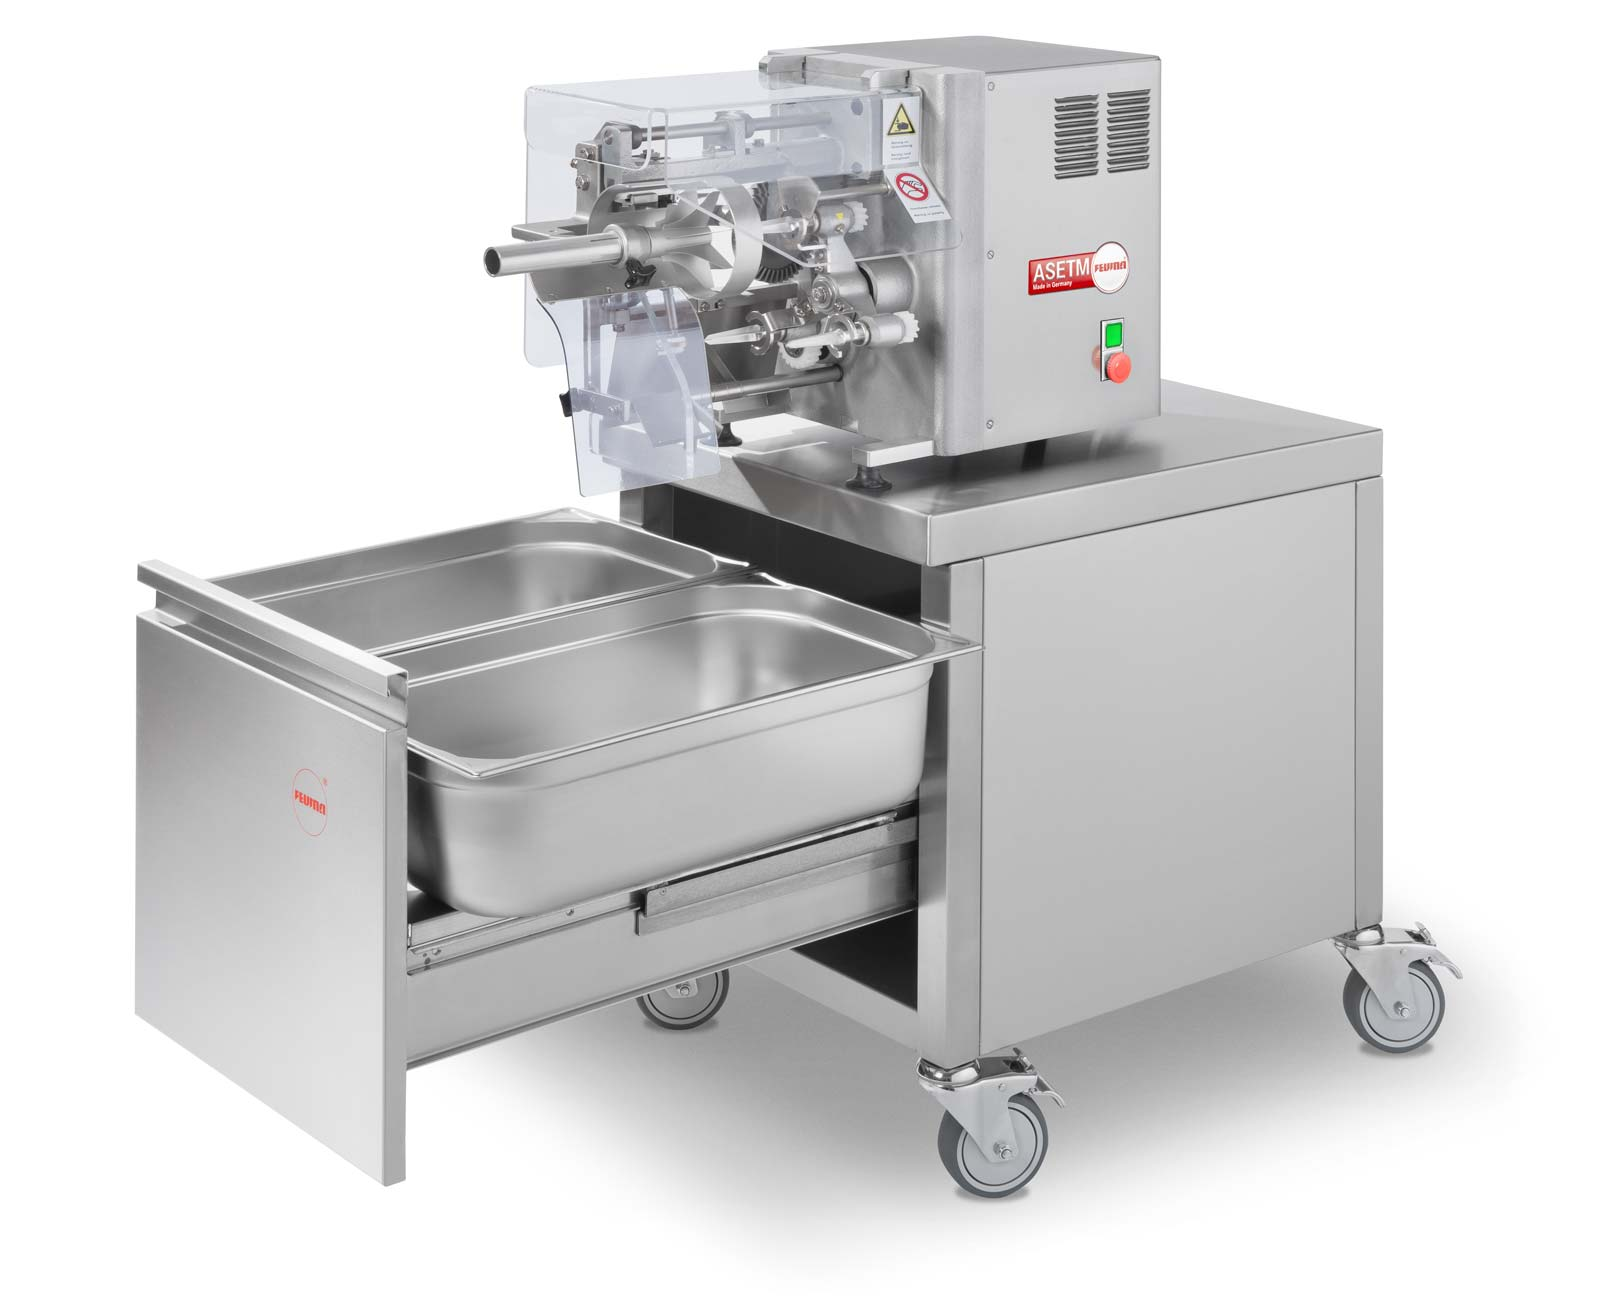 Feuma Apfelschälmaschine ASETM & ASETSM mit Unterwagen